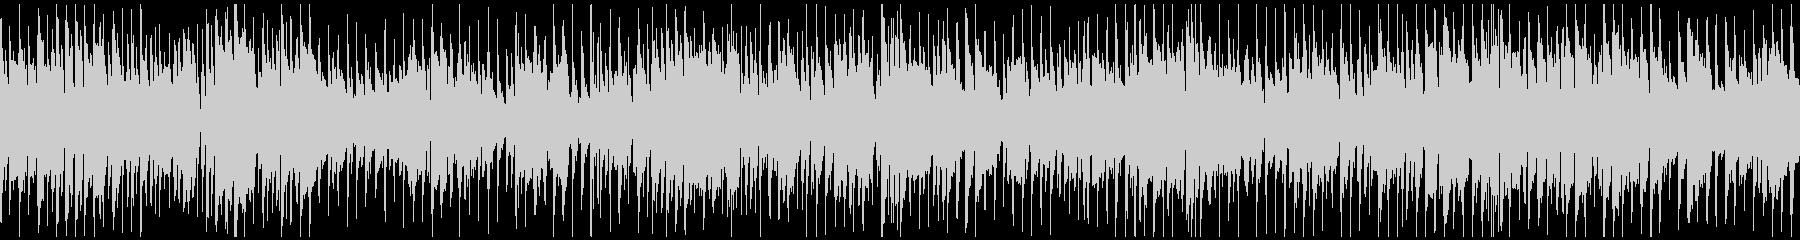 ノリノリサックスのクラブジャズ※ループ版の未再生の波形